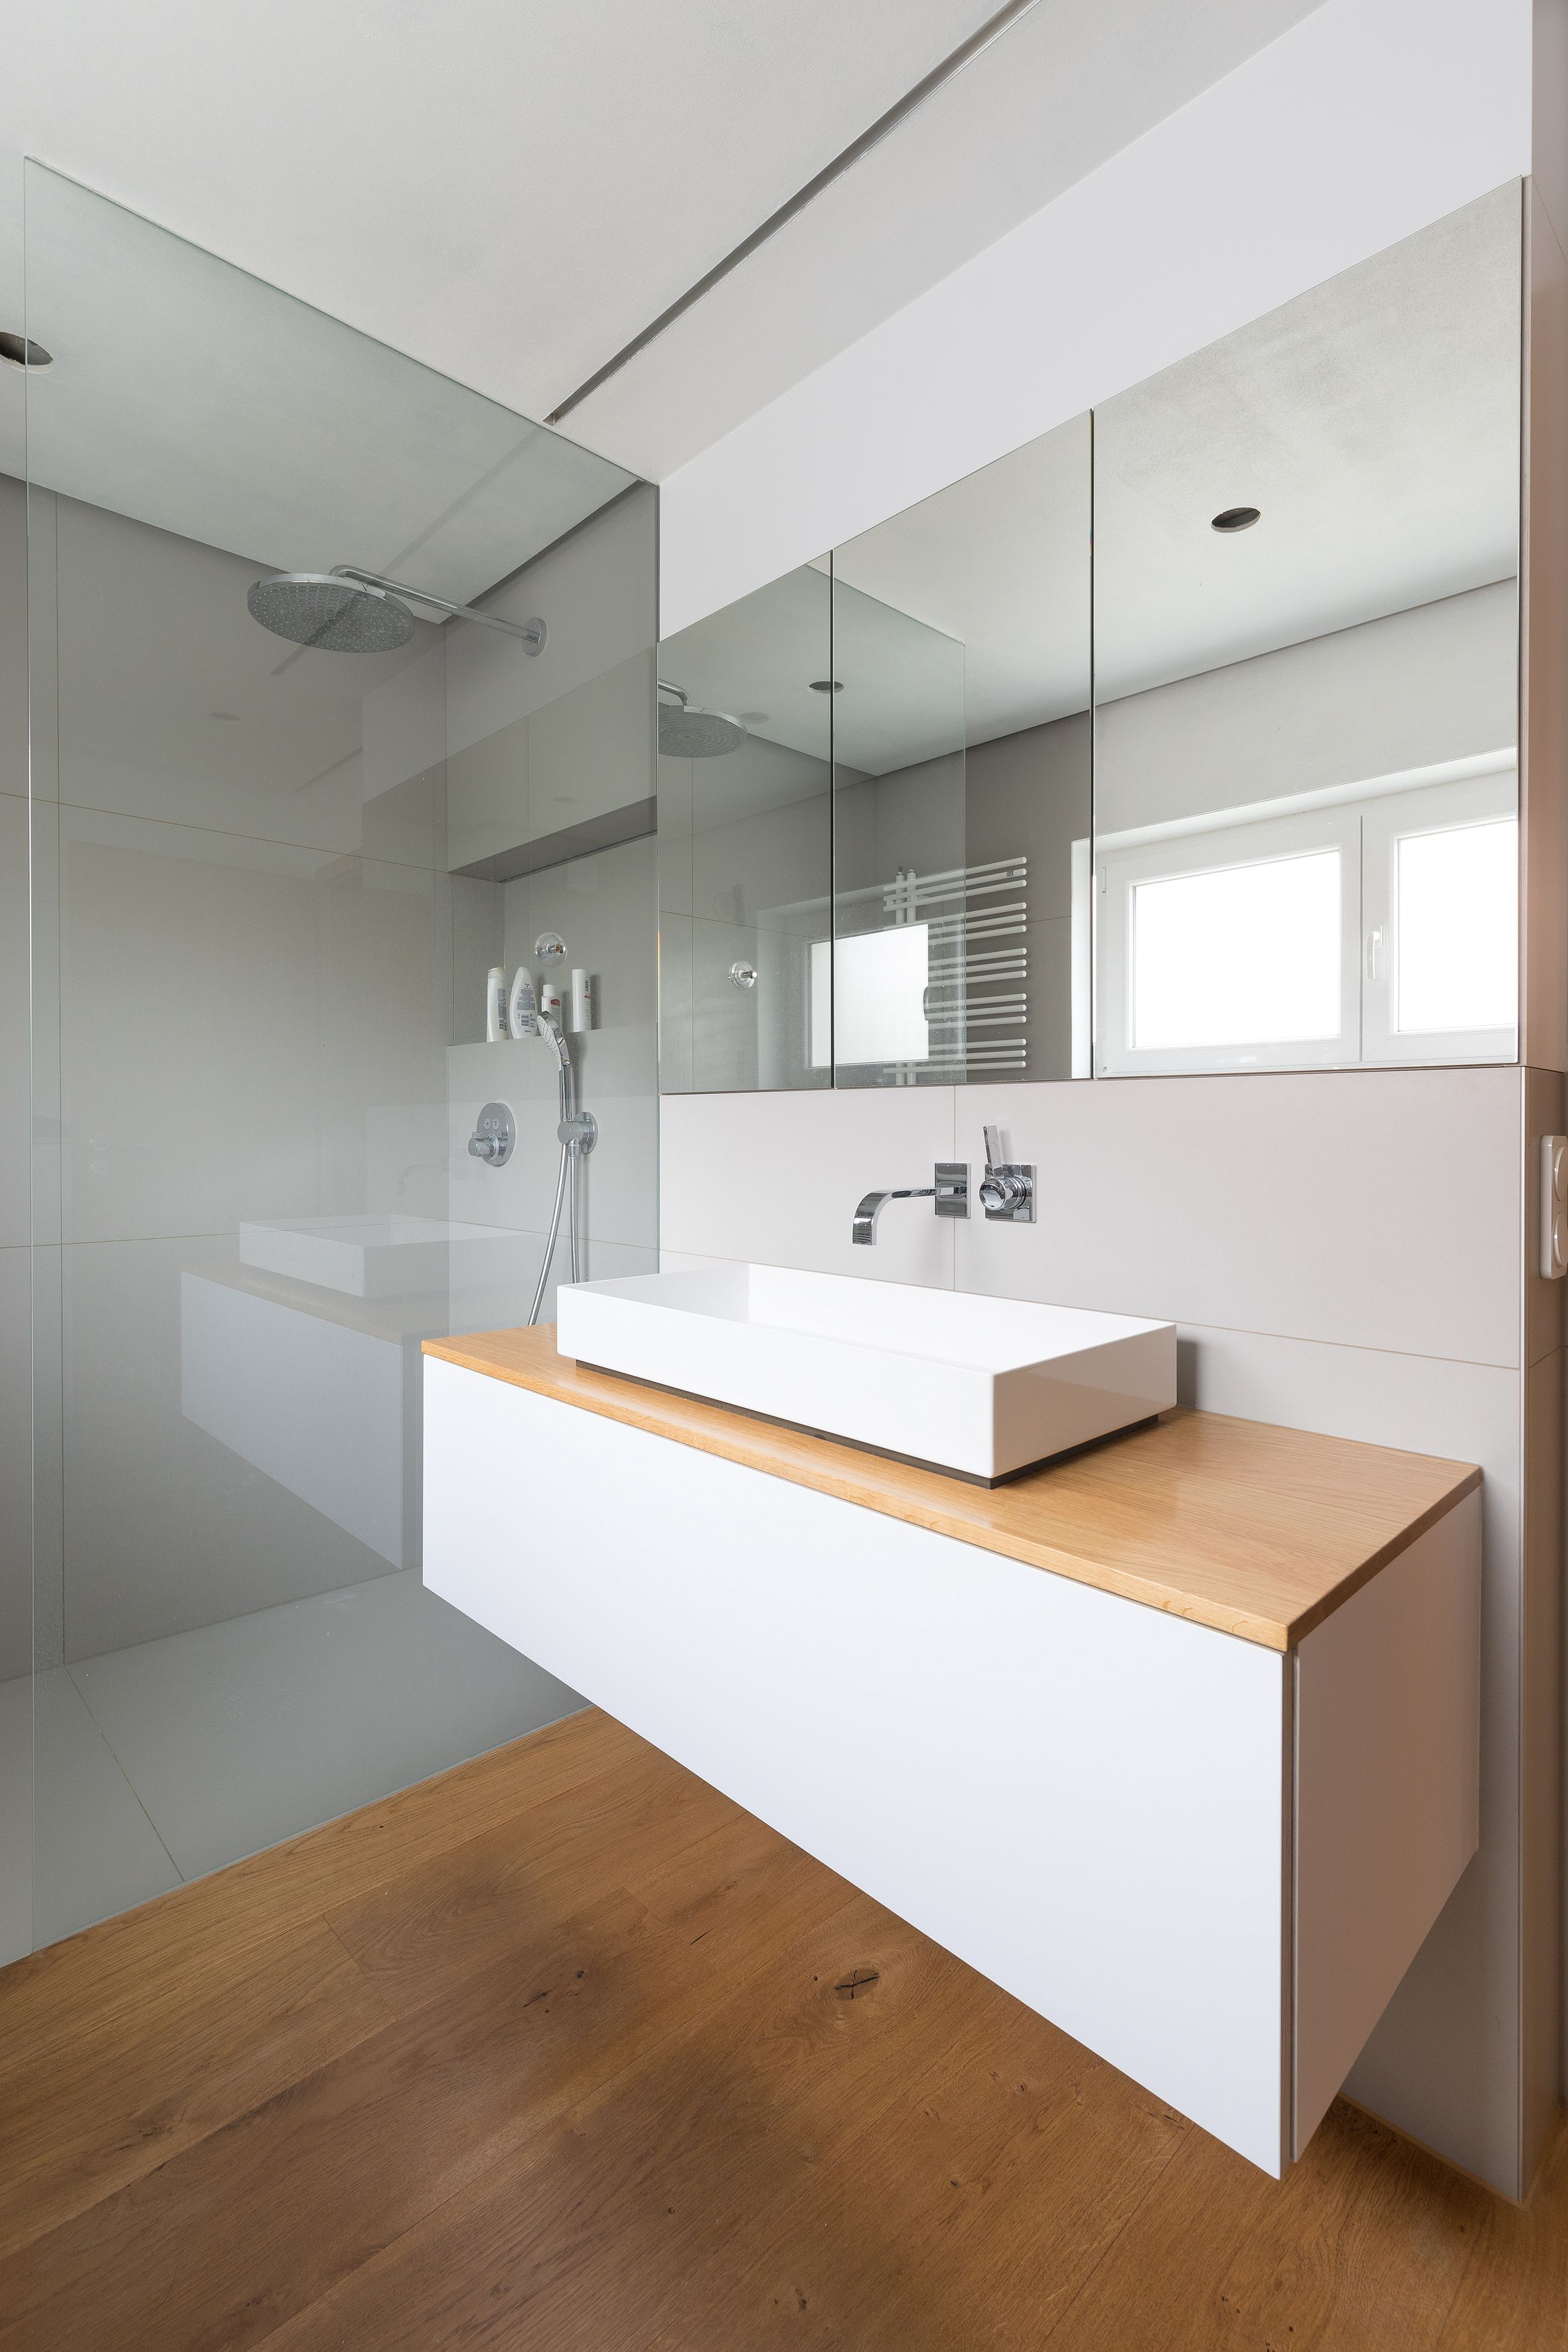 Bath Bathroom Built In Wardrobe Bathroom Cabinet Cupboard Base Cabinet Bath Bathroom Bu Badezimmer Unterschrank Einbauschrank Badezimmer